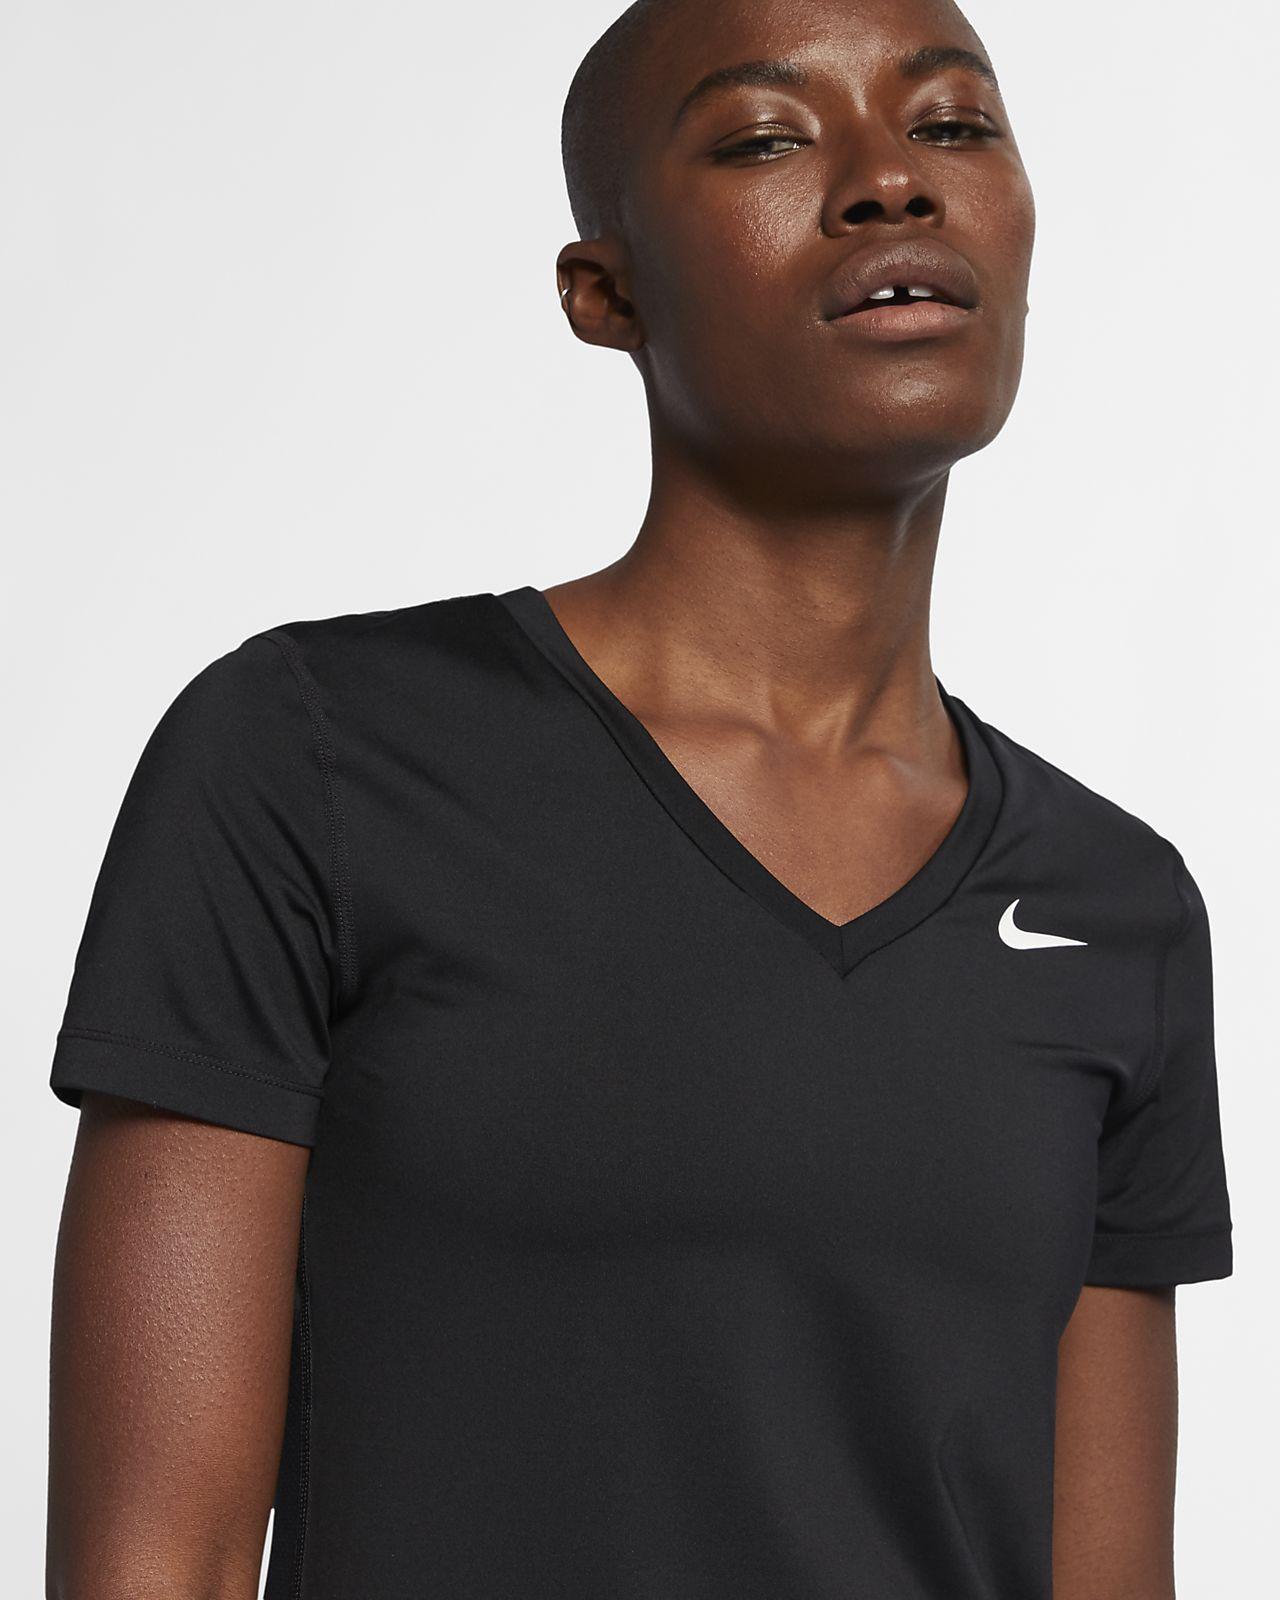 Nike Pro Short Sleeve Training Tee 889557 010